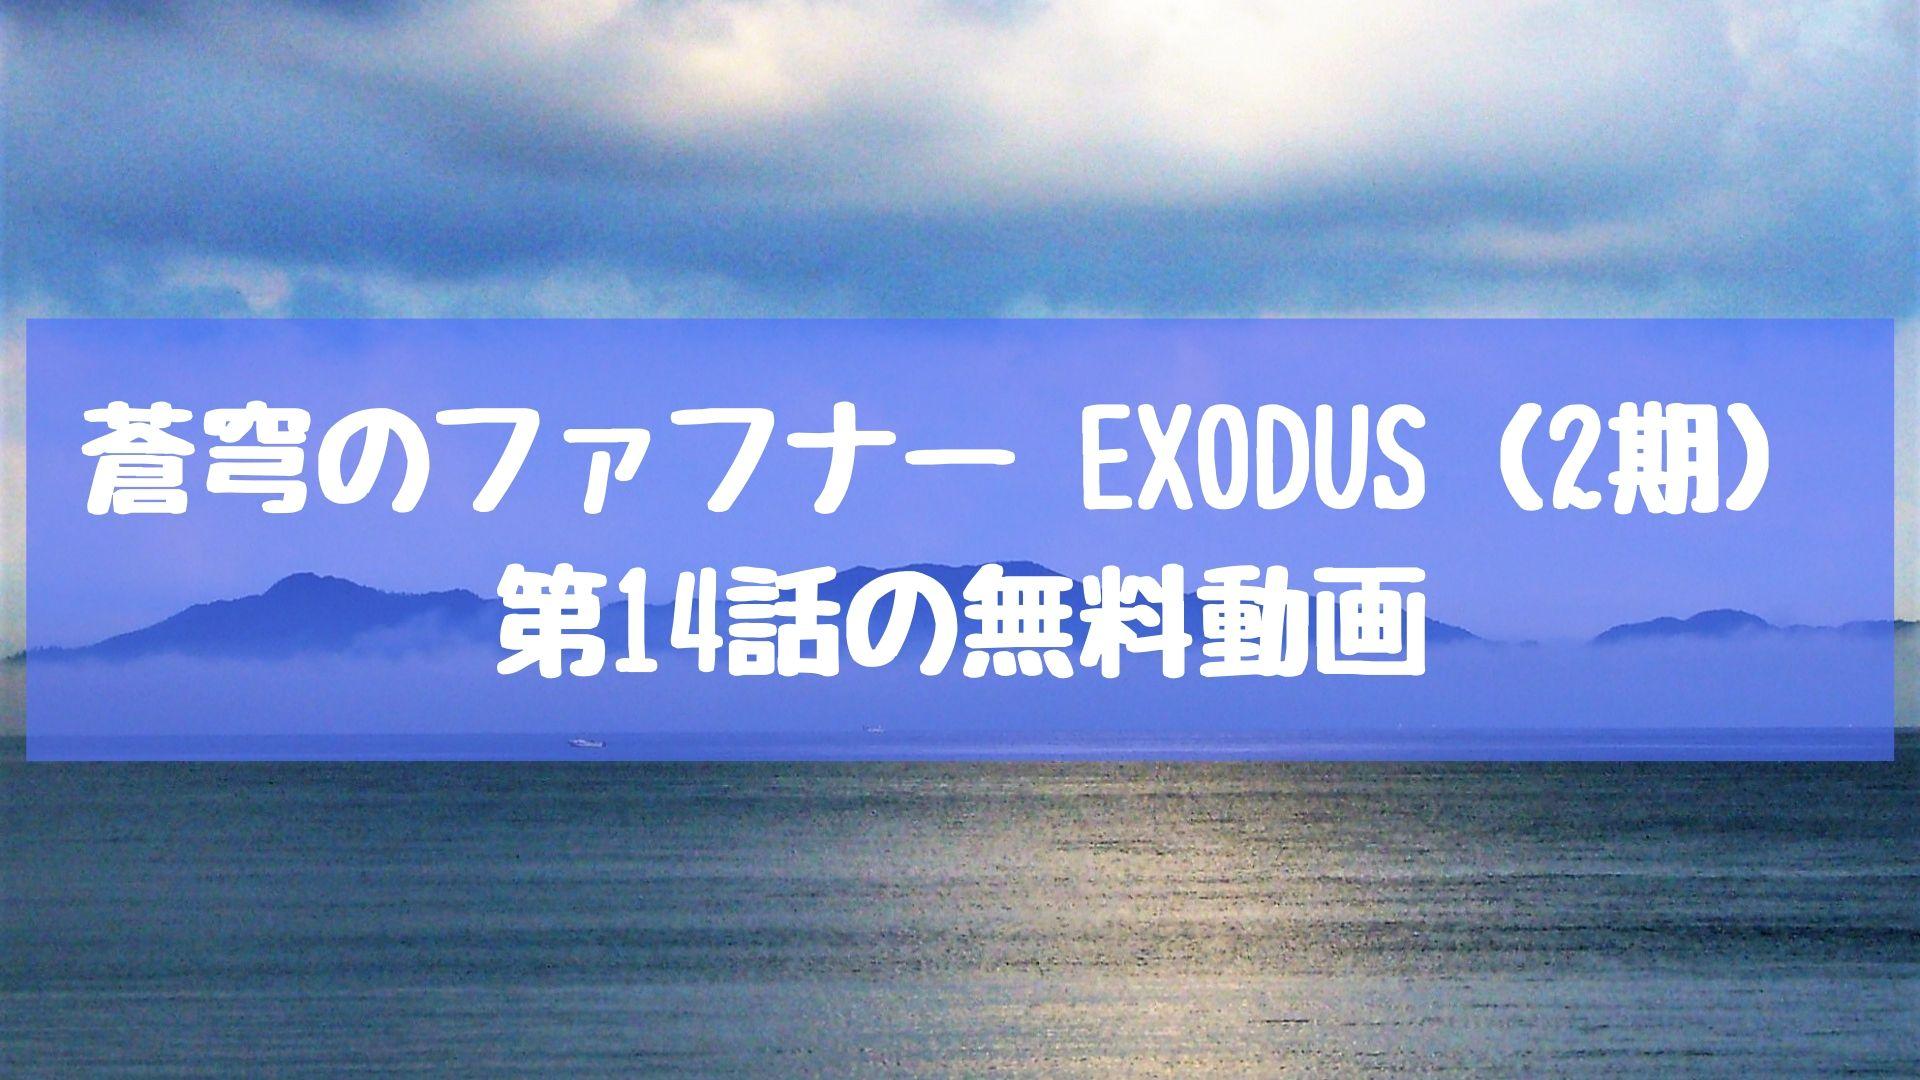 蒼穹のファフナー EXODUS(2期) 第14話の無料動画